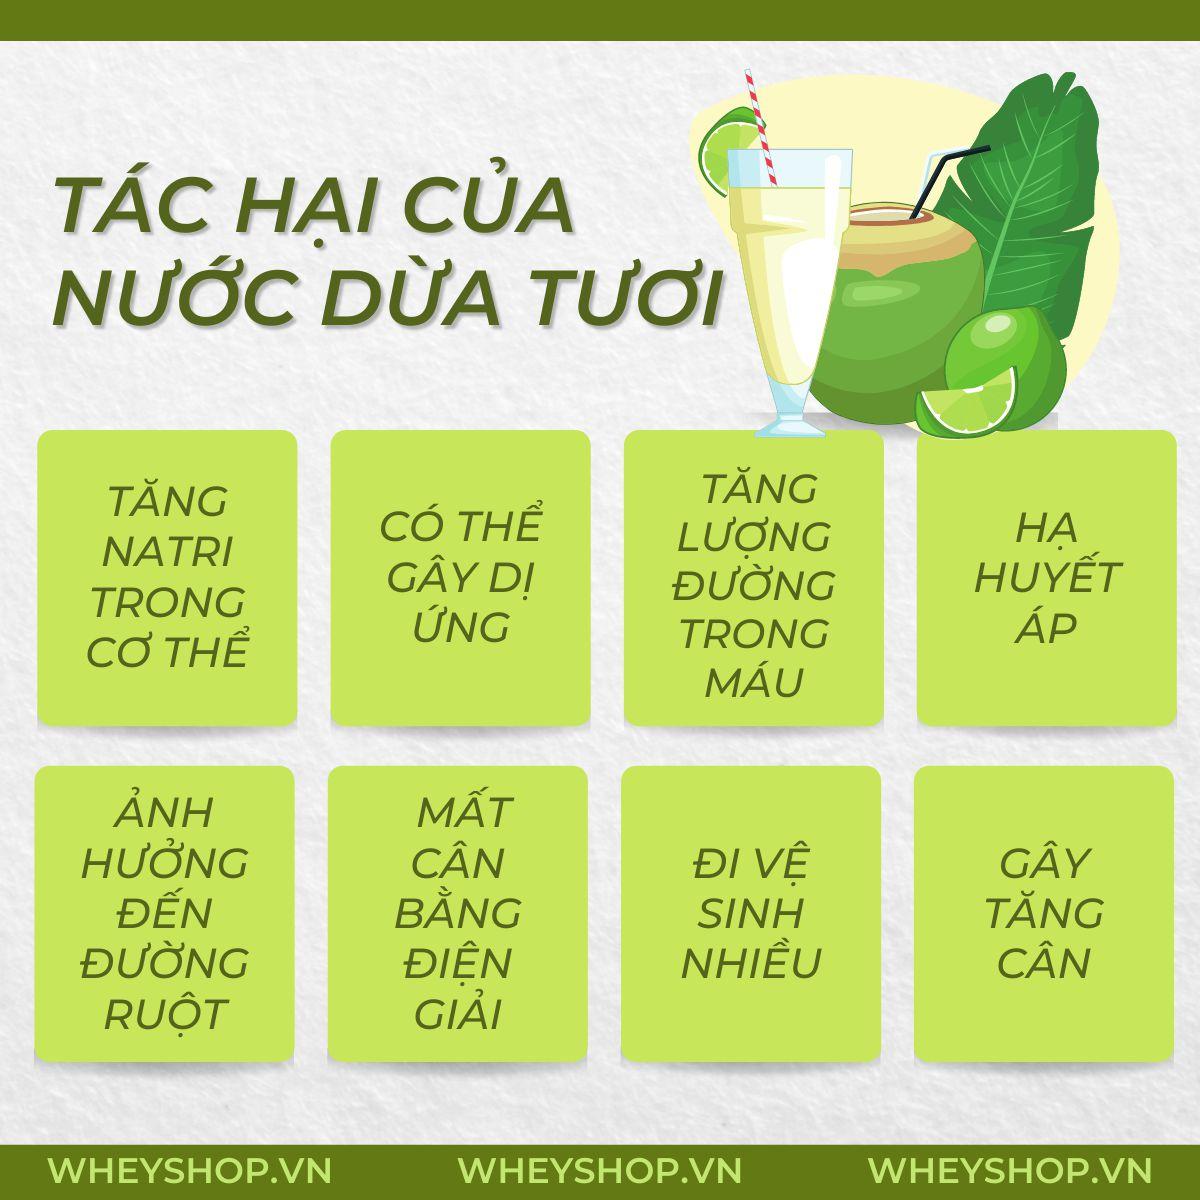 Nước dừa từ trước đến nay luôn là một loại thức uống ưa thích bởi những lợi ích với sức khoẻ. Tuy nhiên, bạn đã hiểu hết tác hại của nước dừa tươi chưa?...